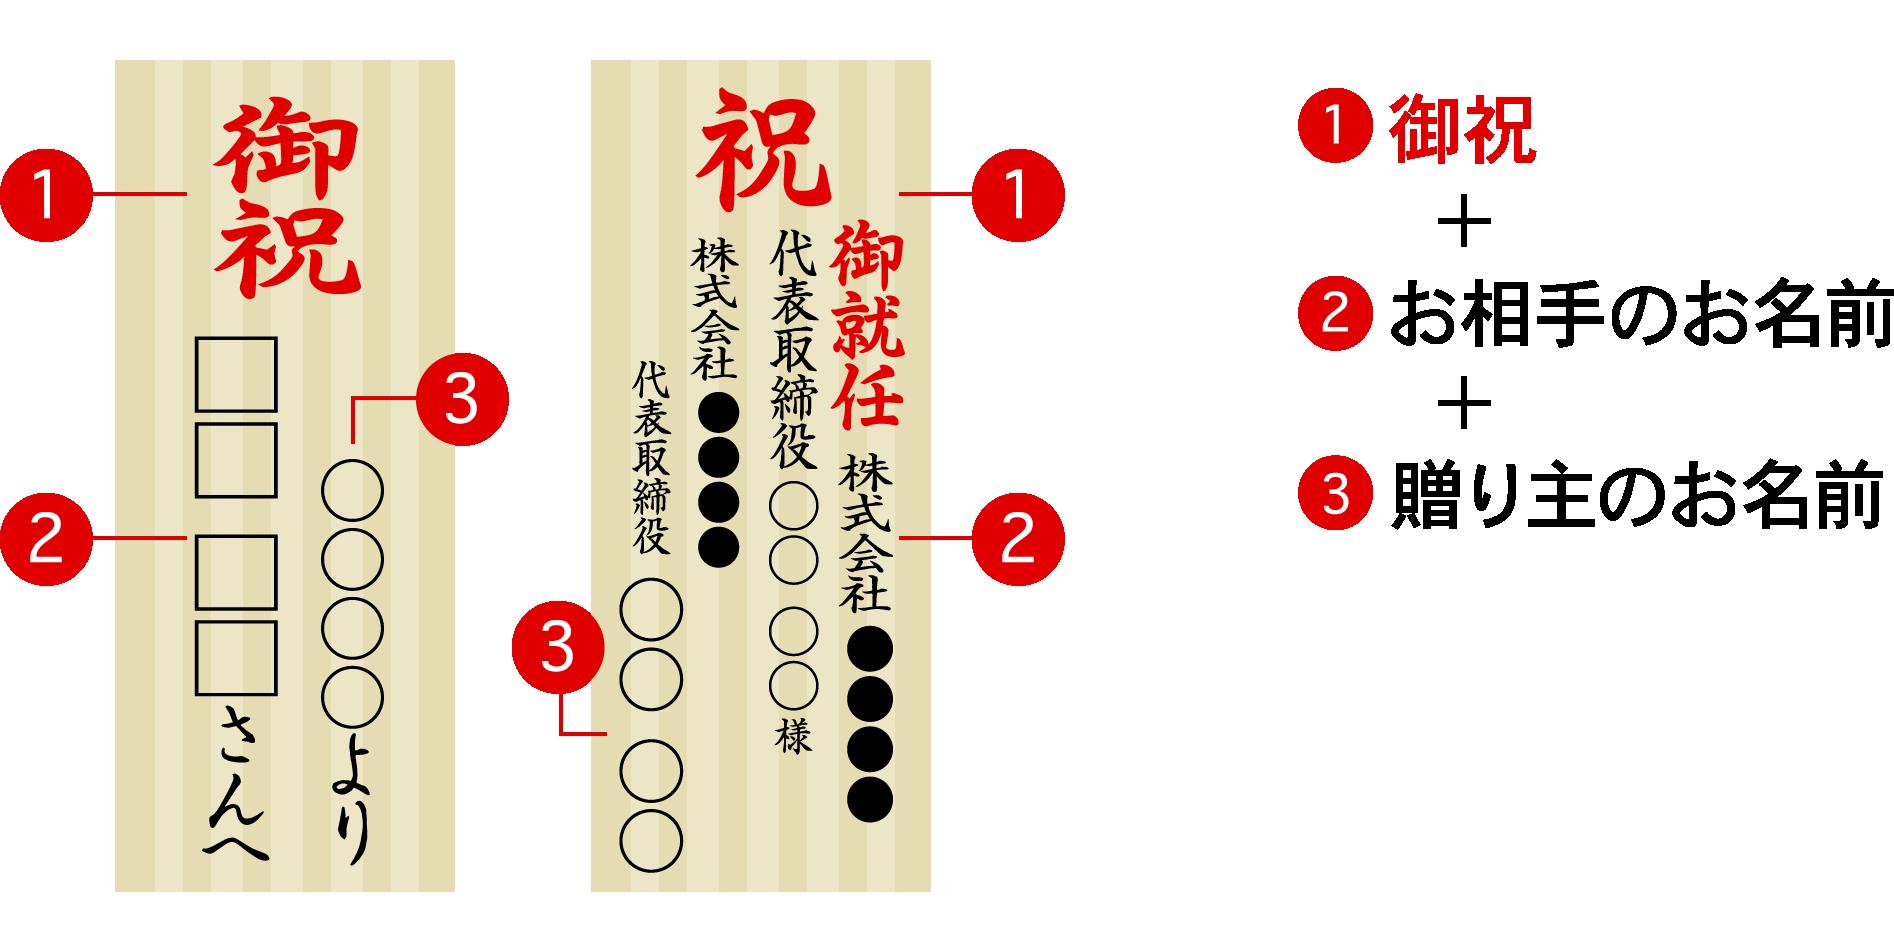 書き方例2